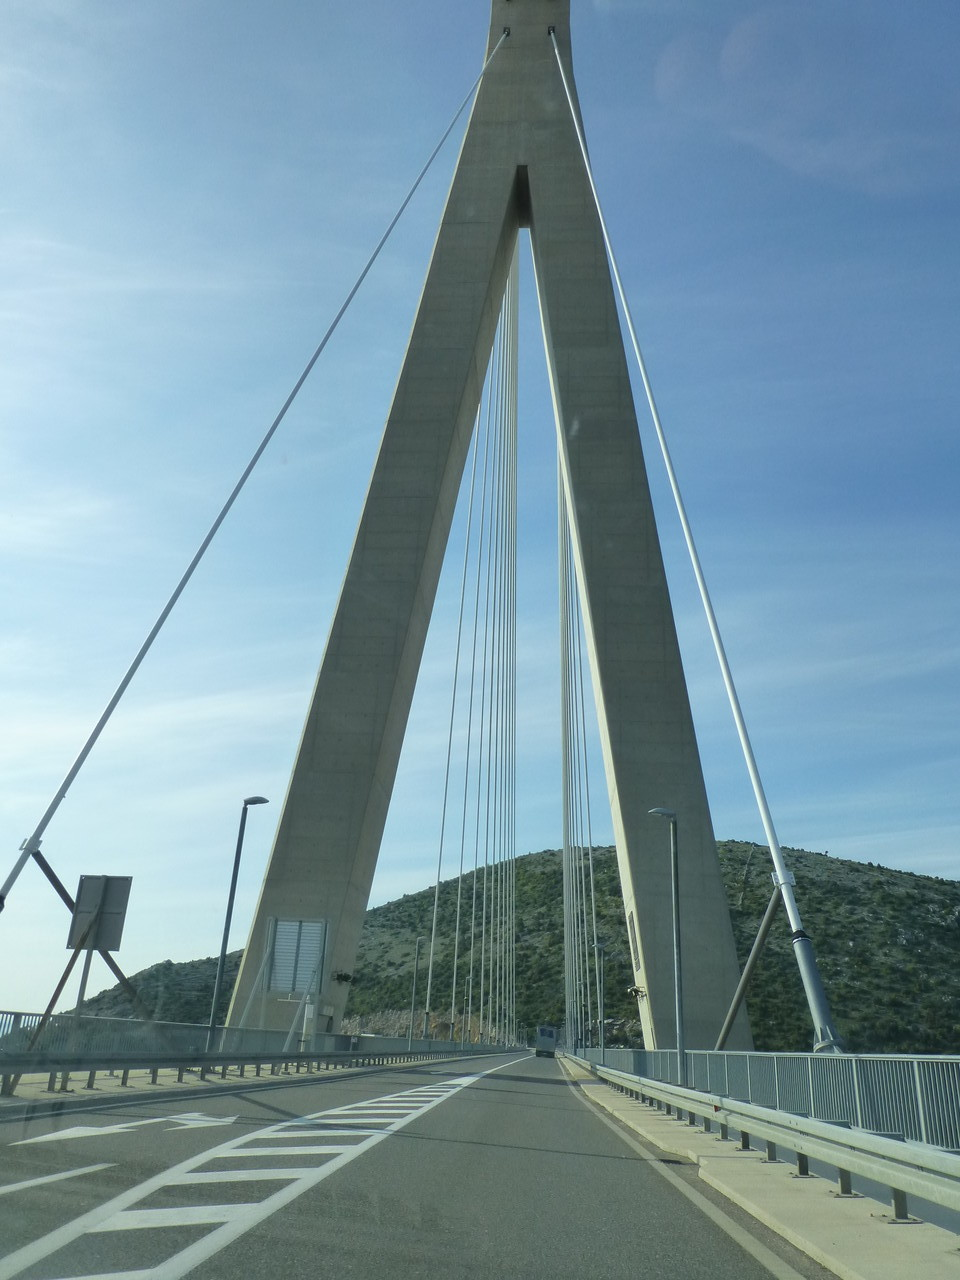 die Brücke bei Drubonik